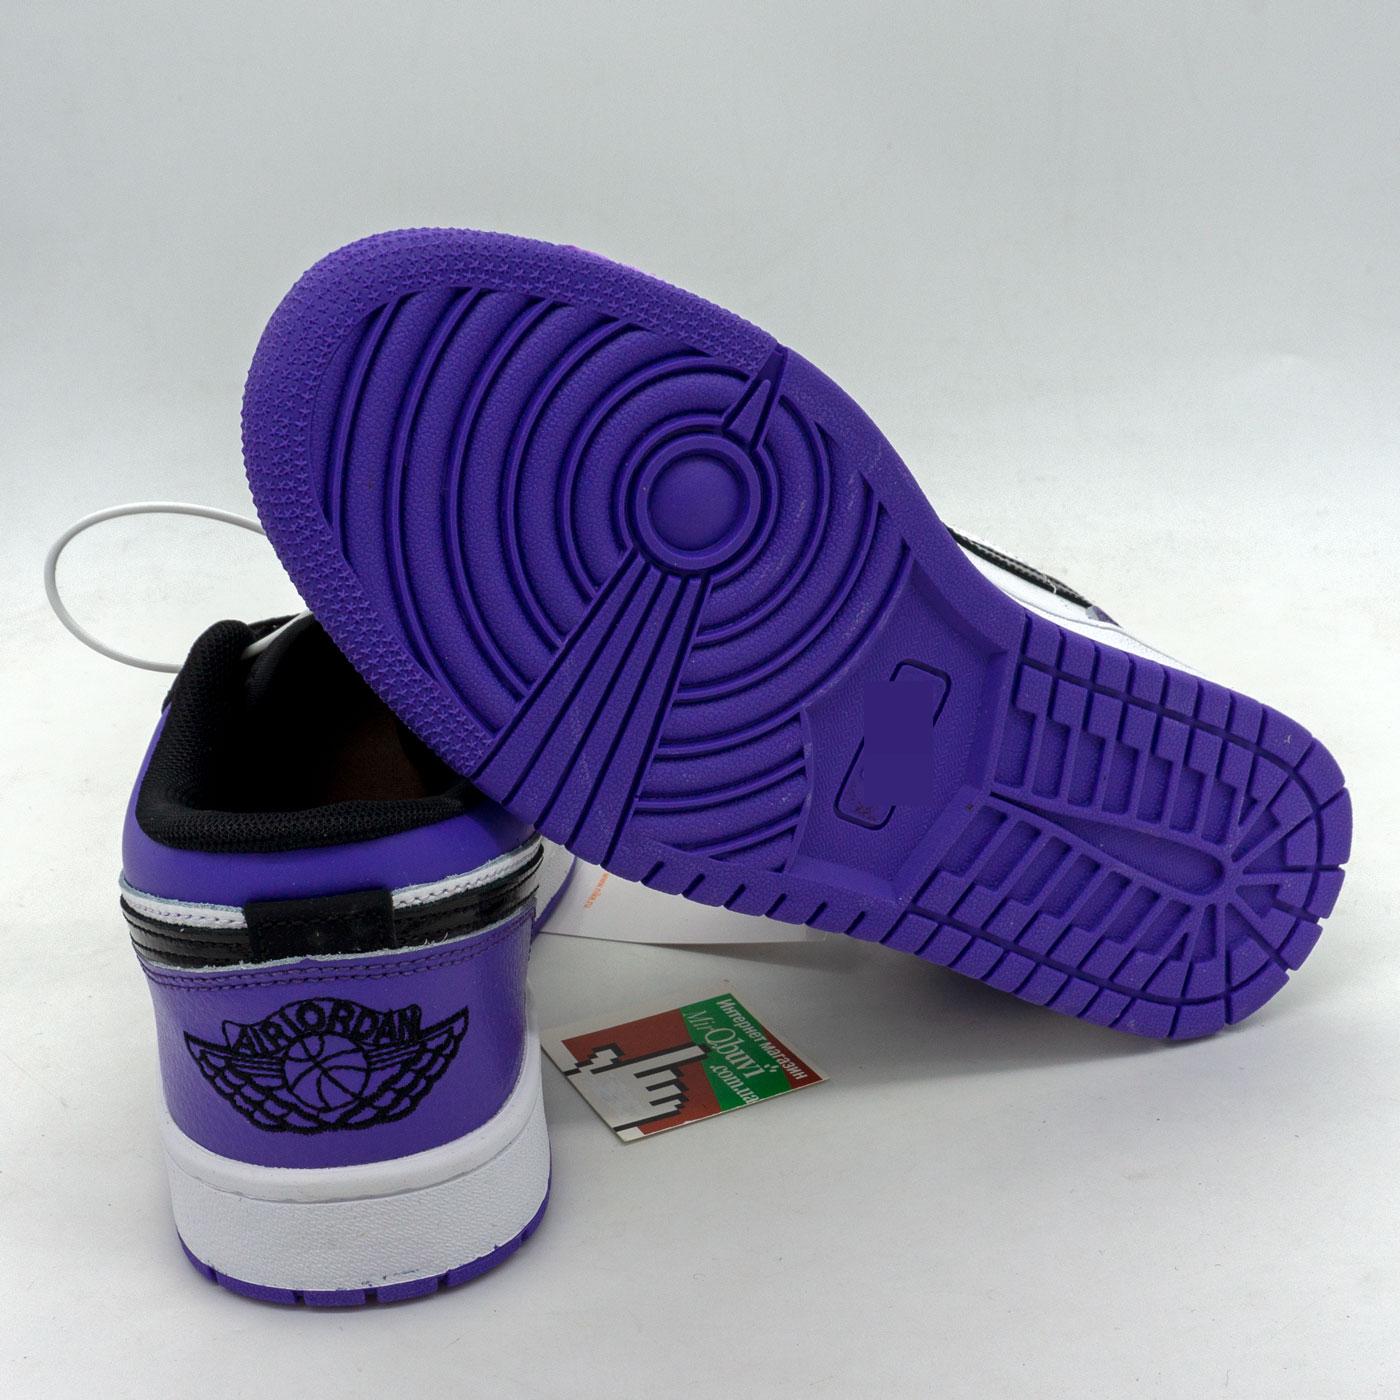 фото back Низкие черные c фиолетовым кроссовки Nke Air Jordan 1 back